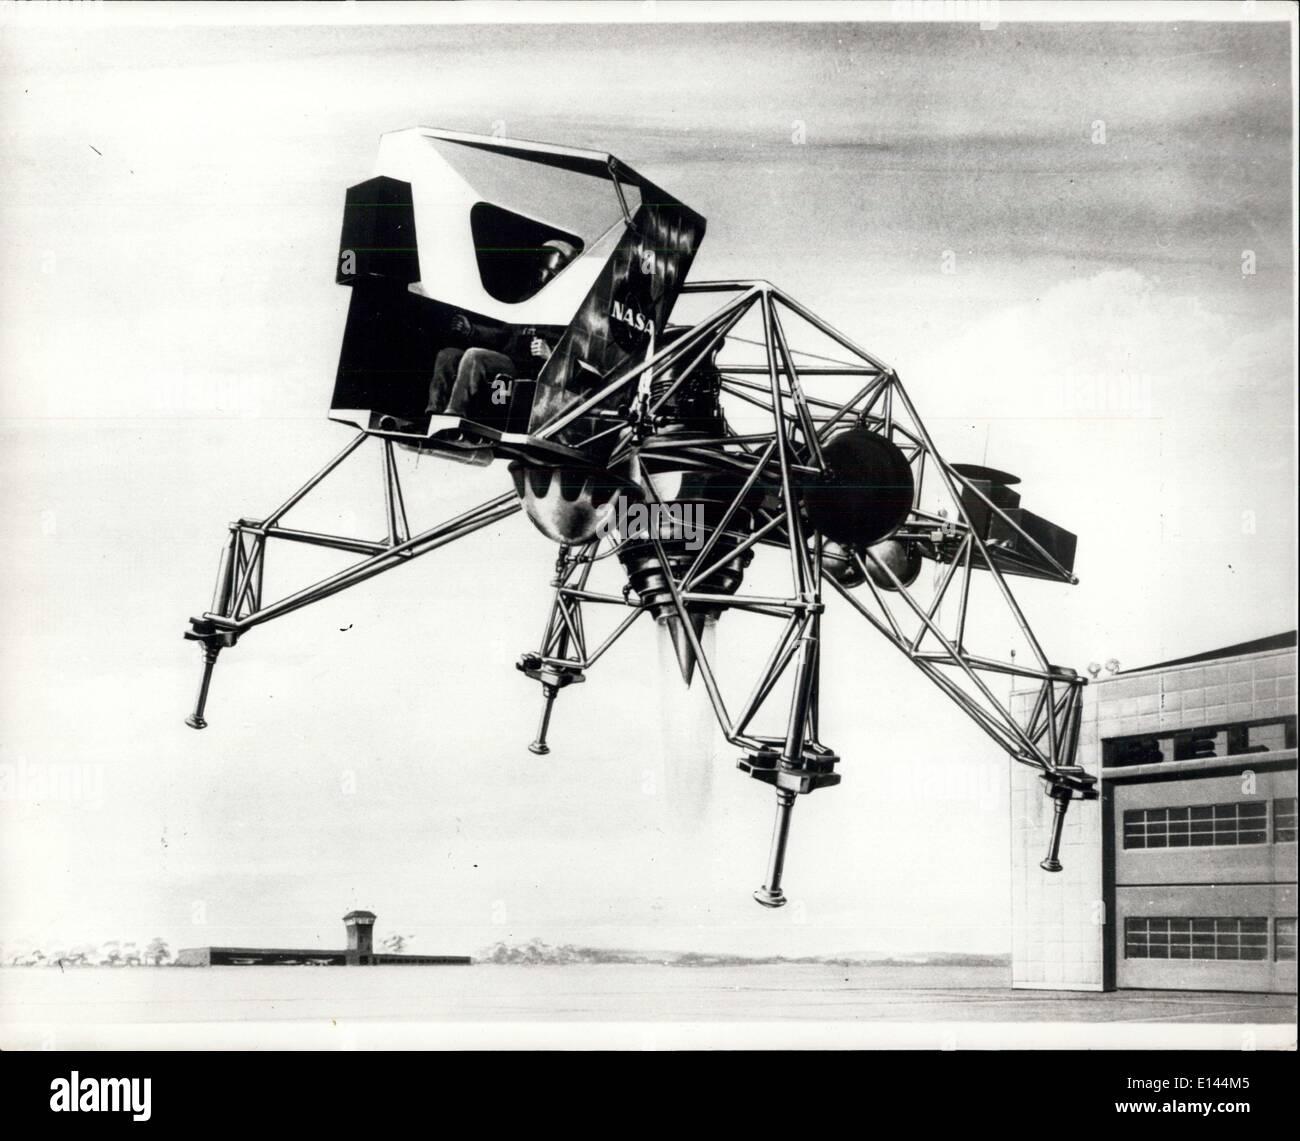 Abril 04, 2012 - 11.4.67 la concepción artística de aterrizaje lunar, vehículo de formación. Esta es una concepción artística del aterrizaje lunar, vehículo de formación (LLTV) construido bajo contrato por Bell Aerosystems Co., Buffalo, N.Y. por la Administración Nacional de Aeronáutica y del espacio para proporcionar tres vehículos que usarán los astronautas para practicar aterrizajes simulados en la luna. Los vehículos serán capaces de simular el entorno de un sexto de la gravedad de la luna. Cuando está en uso, el LLTV es volado el suelo sobre su motor Jet, luego maniobró como una embarcación con lunares pequeños cohetes Imagen De Stock